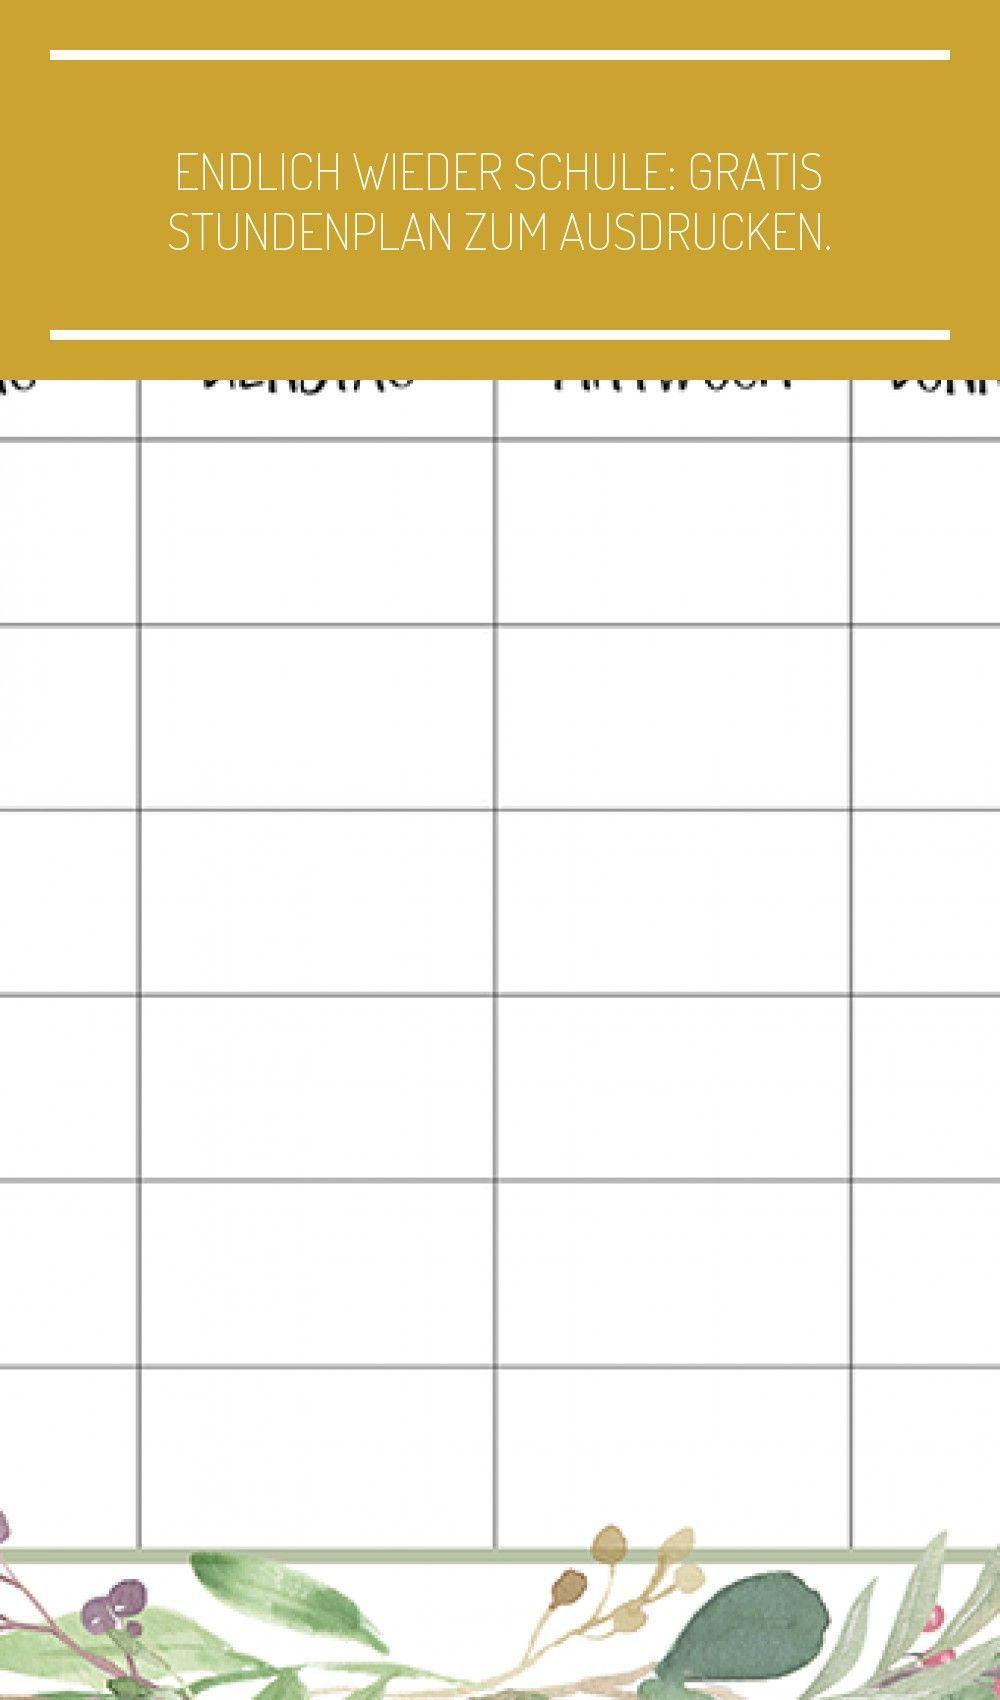 Ein Kostenloser Zeitplan Zum Ausdrucken Titatoni De Works Lehrer Endlich In 2021 Stundenplan Ausdrucken Stundenplan Ausdrucken